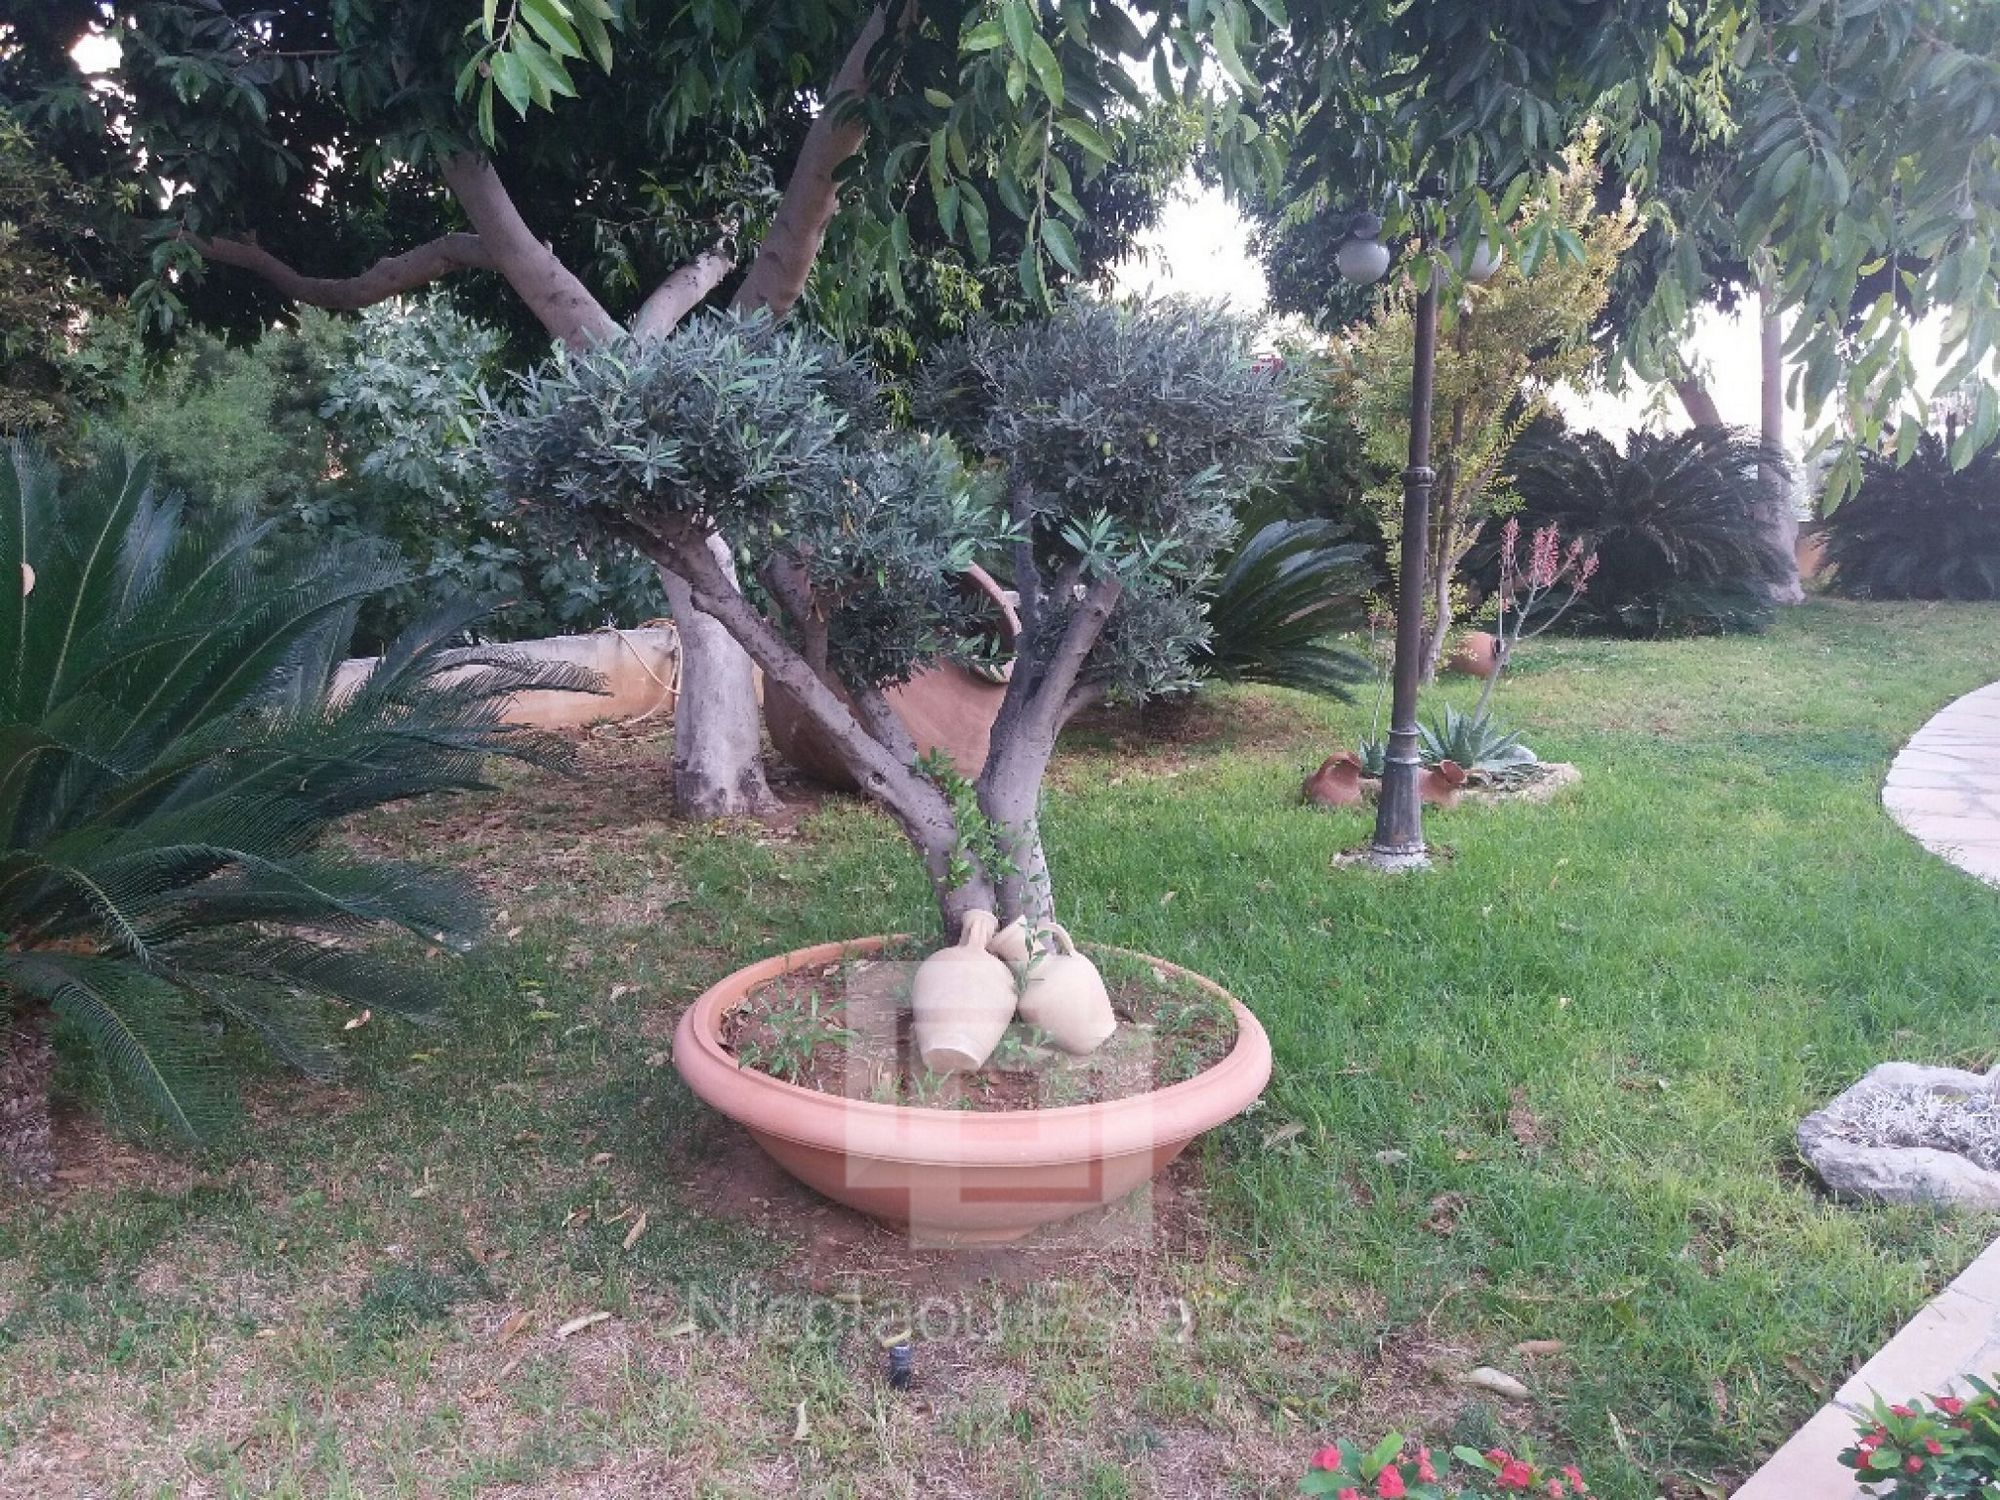 Garden Imagery in 'Hamlet'